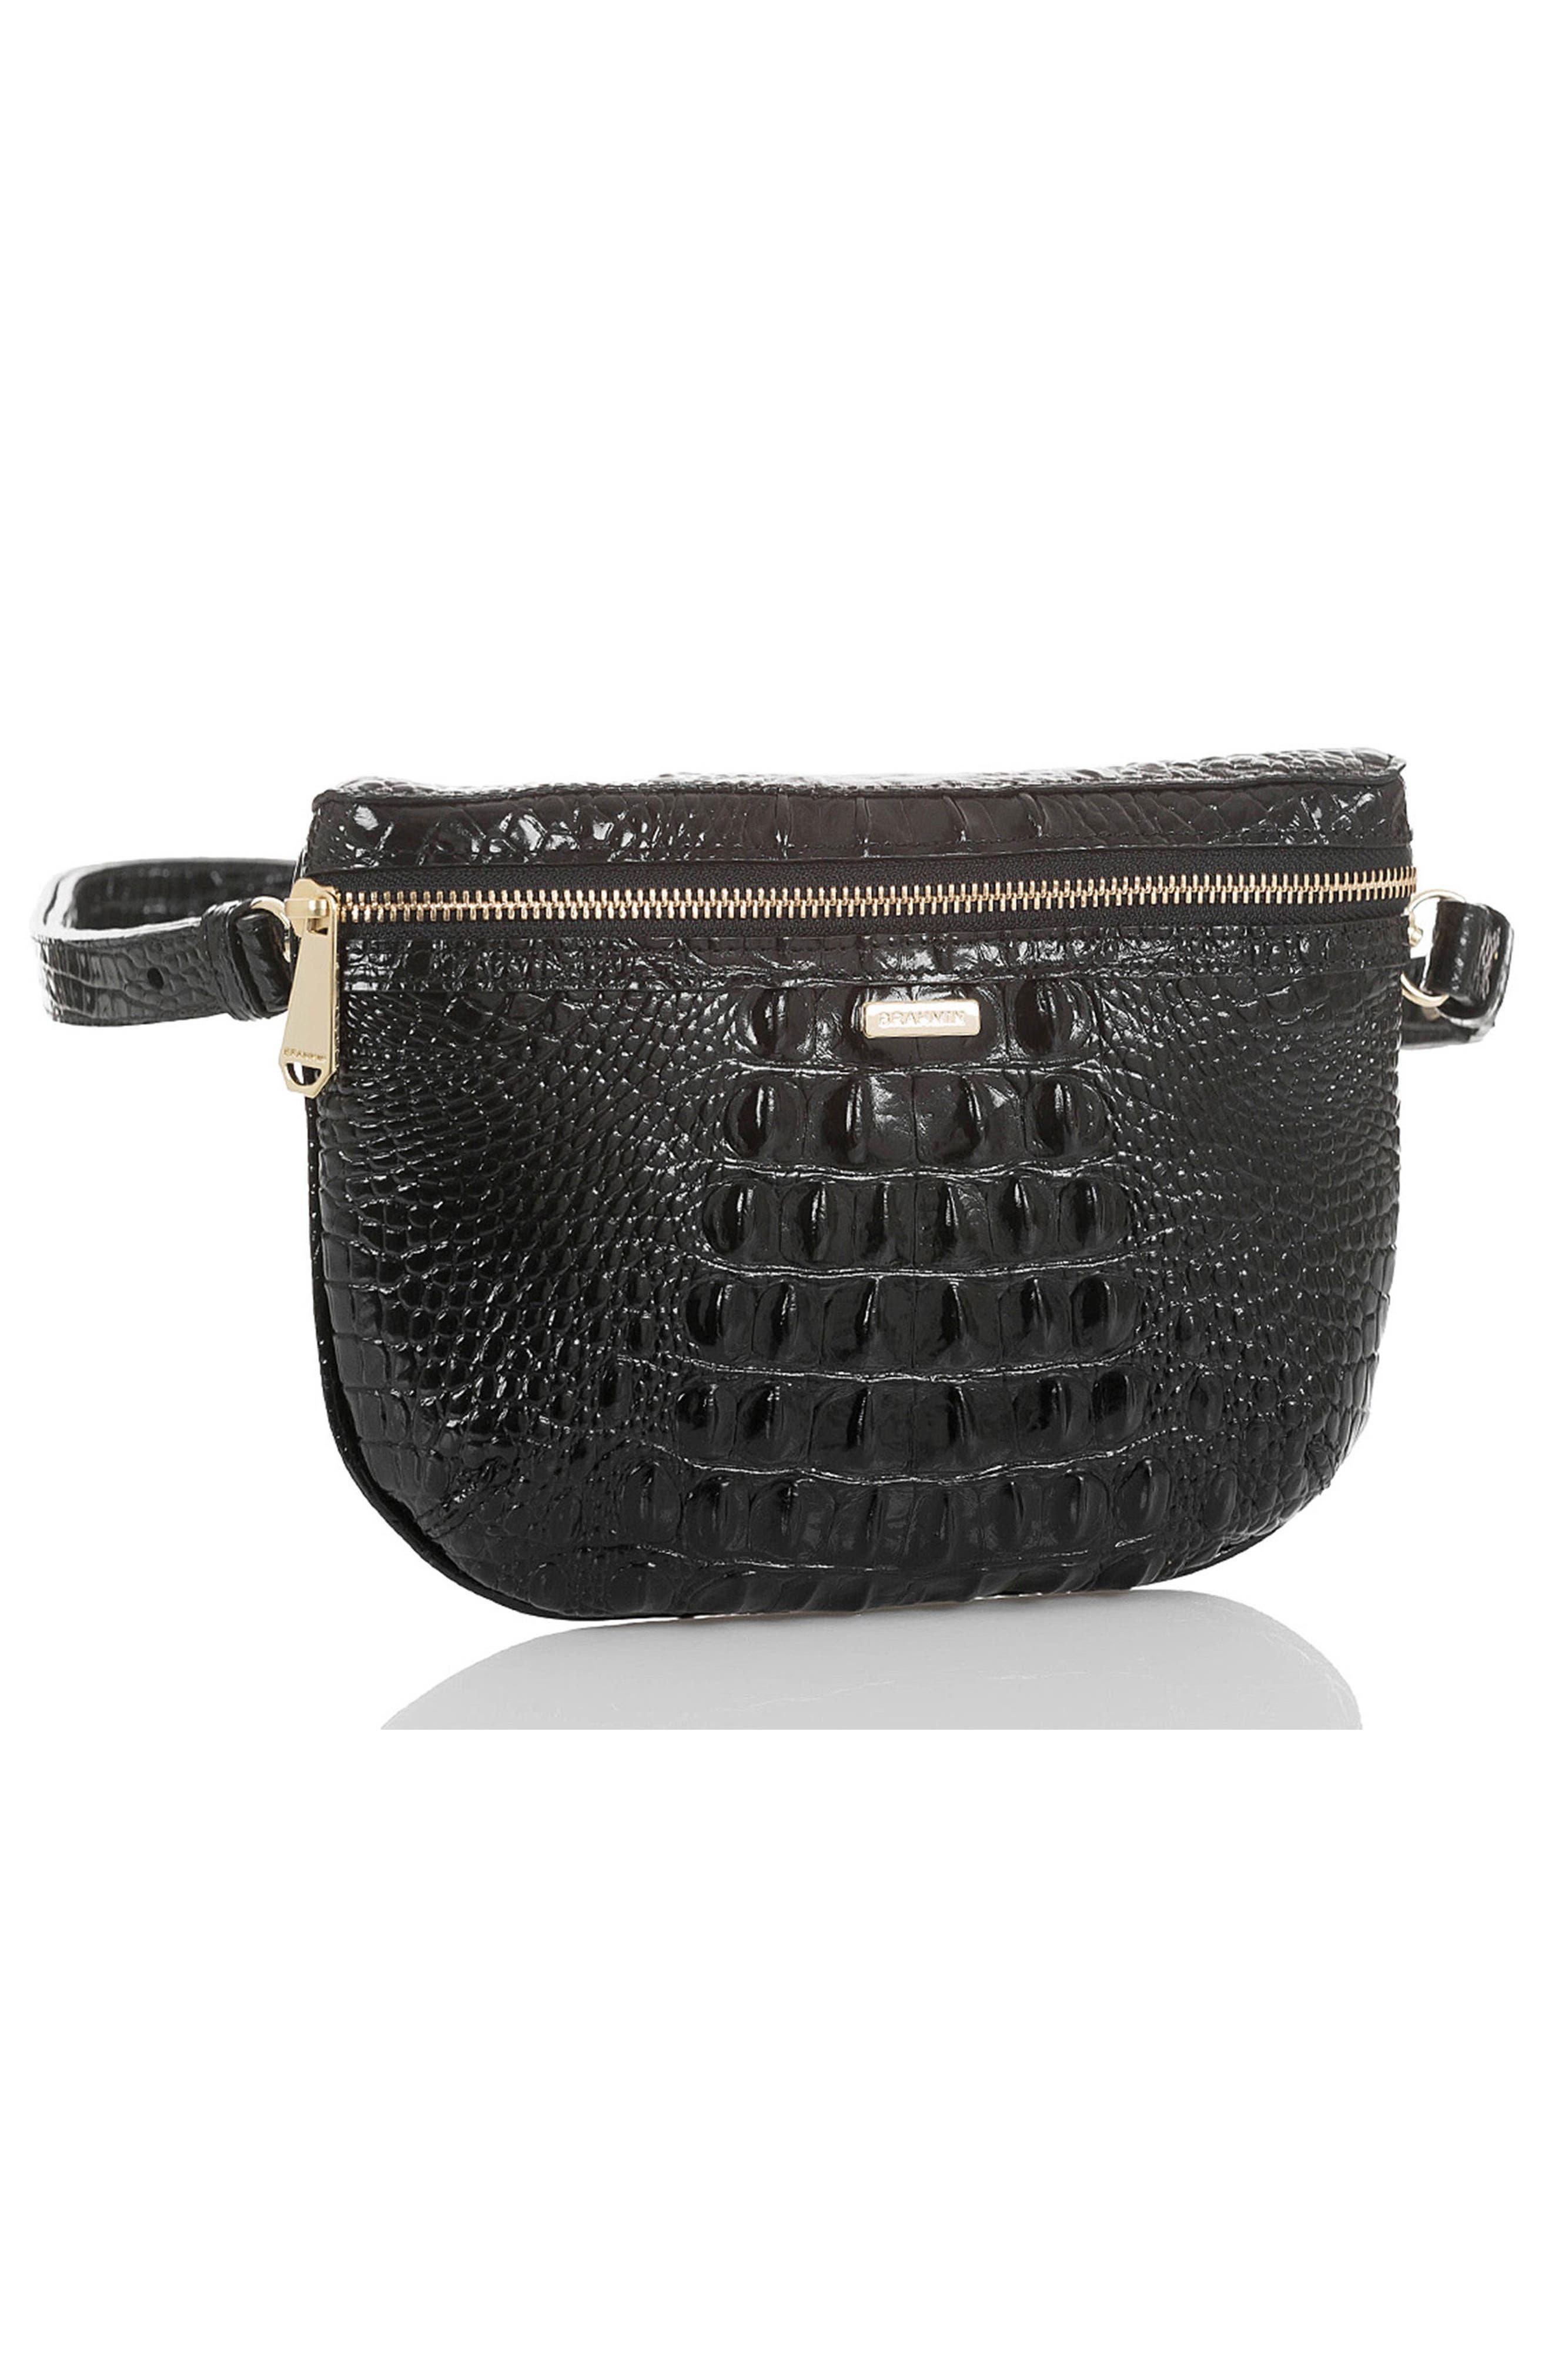 BRAHMIN, Croc Embossed Leather Belt Bag, Alternate thumbnail 6, color, BLACK